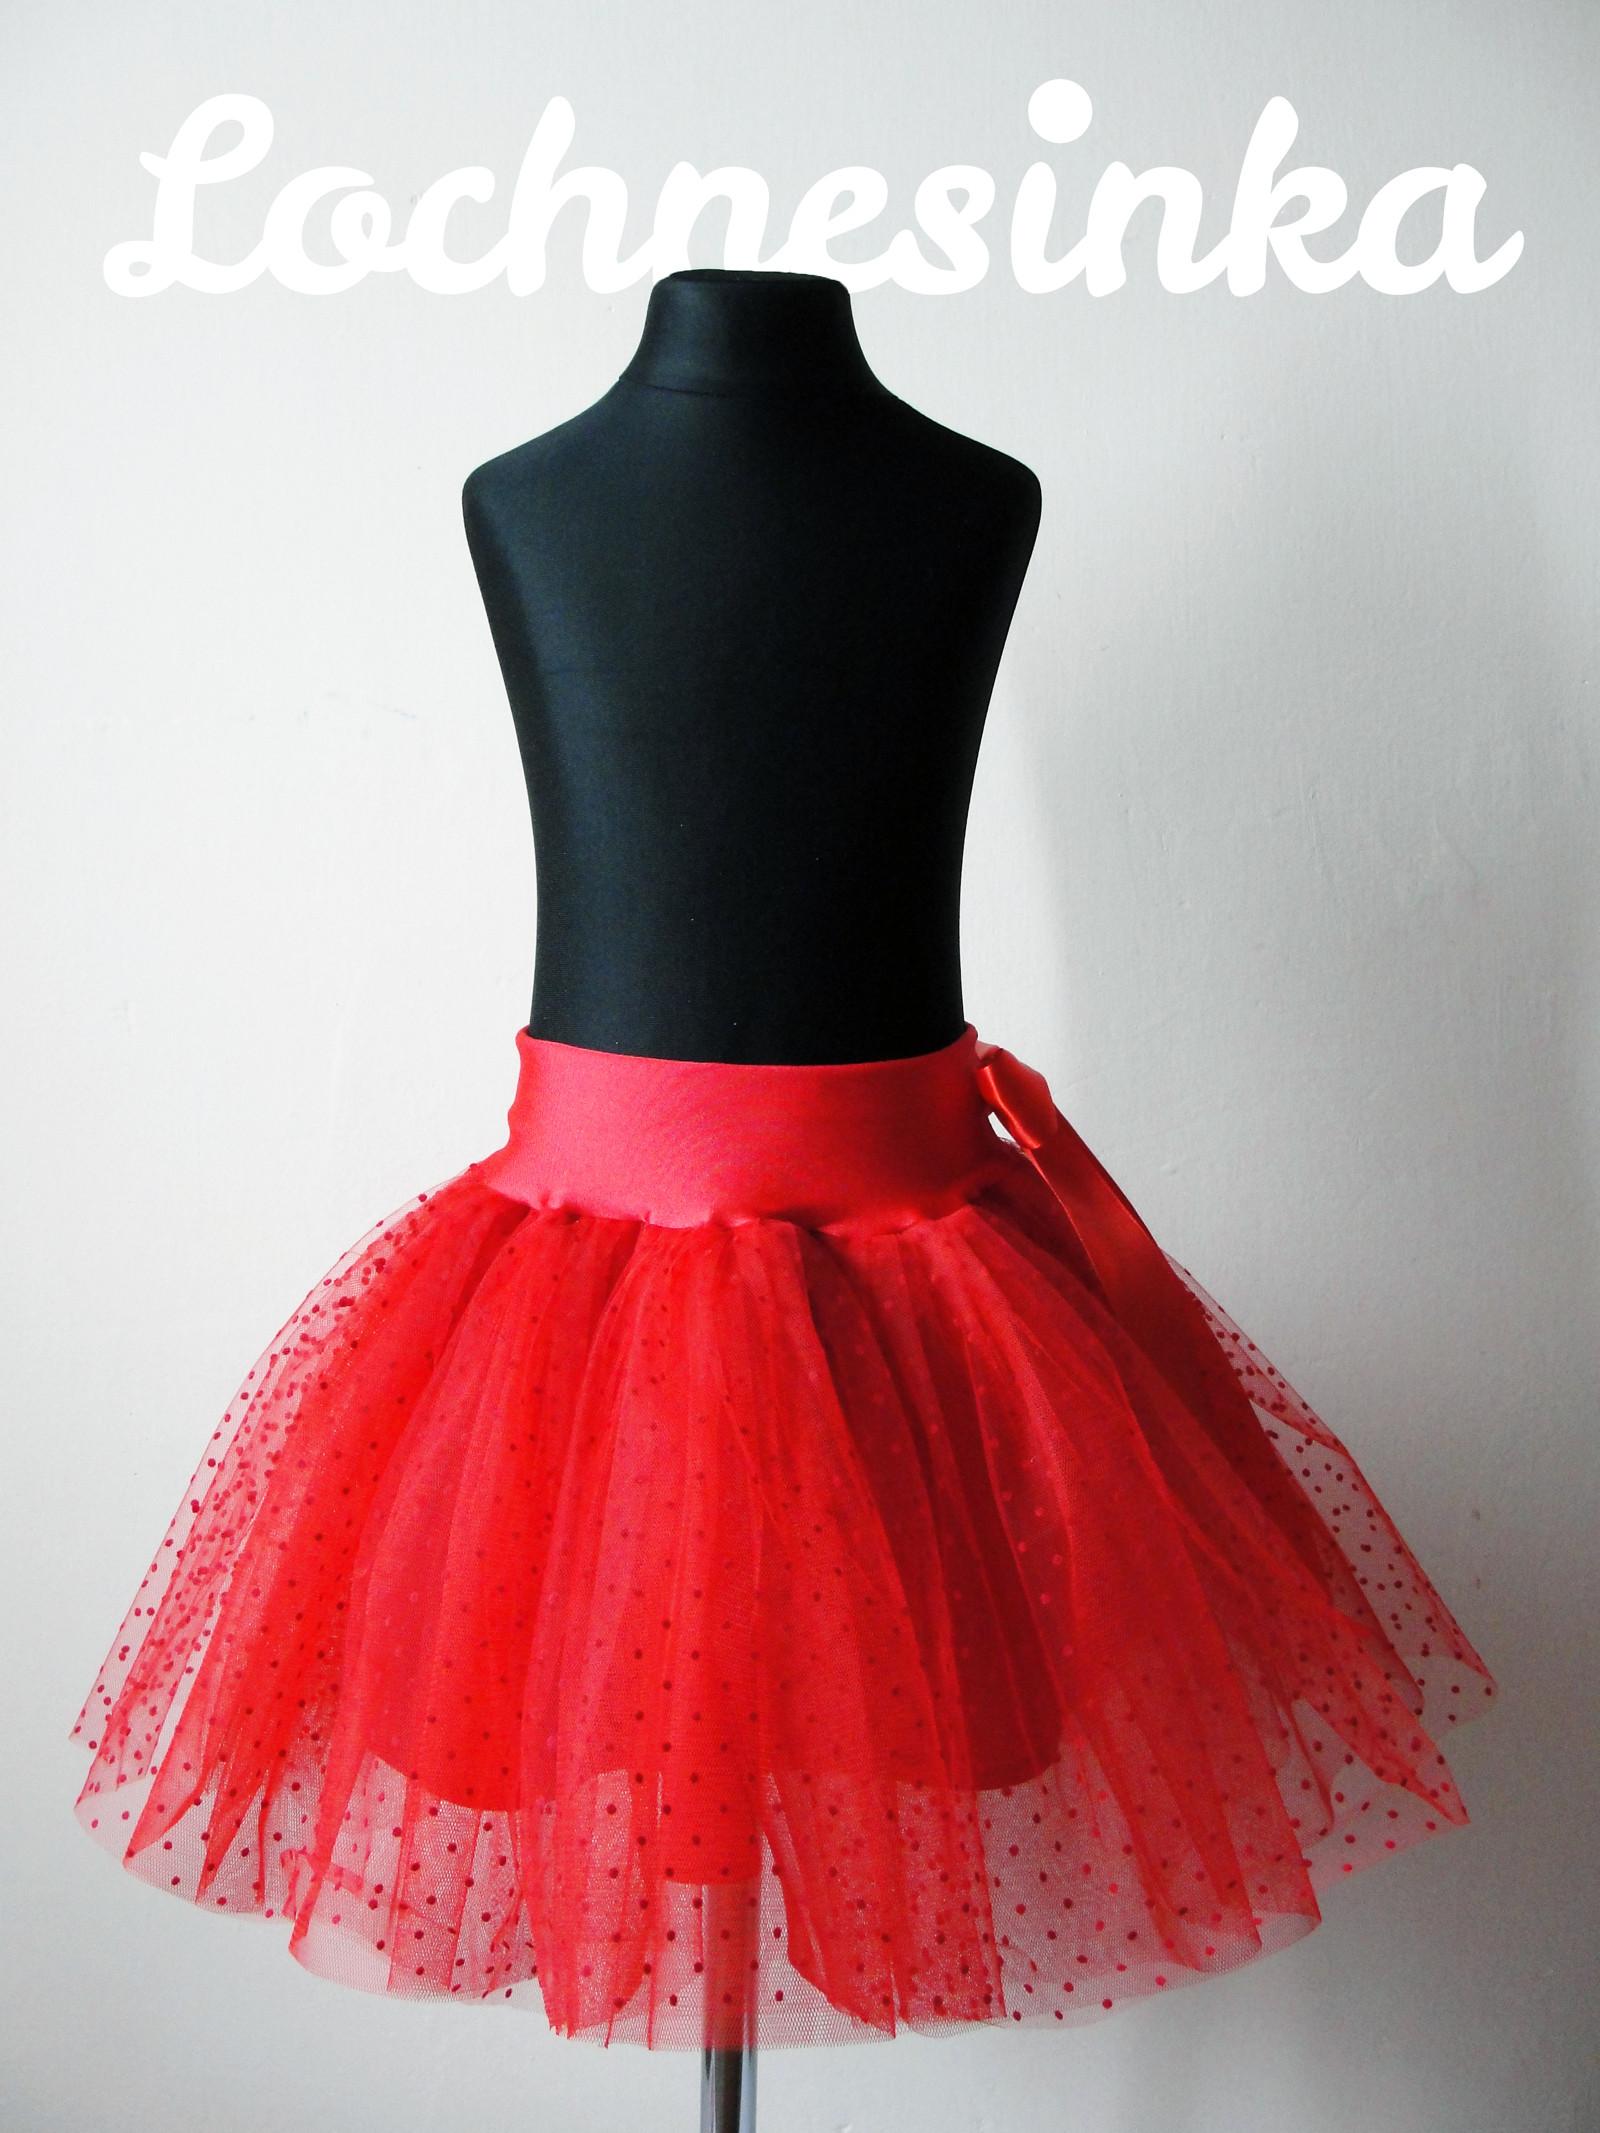 Tylová sukně červená puntíkovaná   Zboží prodejce Lochnesinka  a2e143cbb2